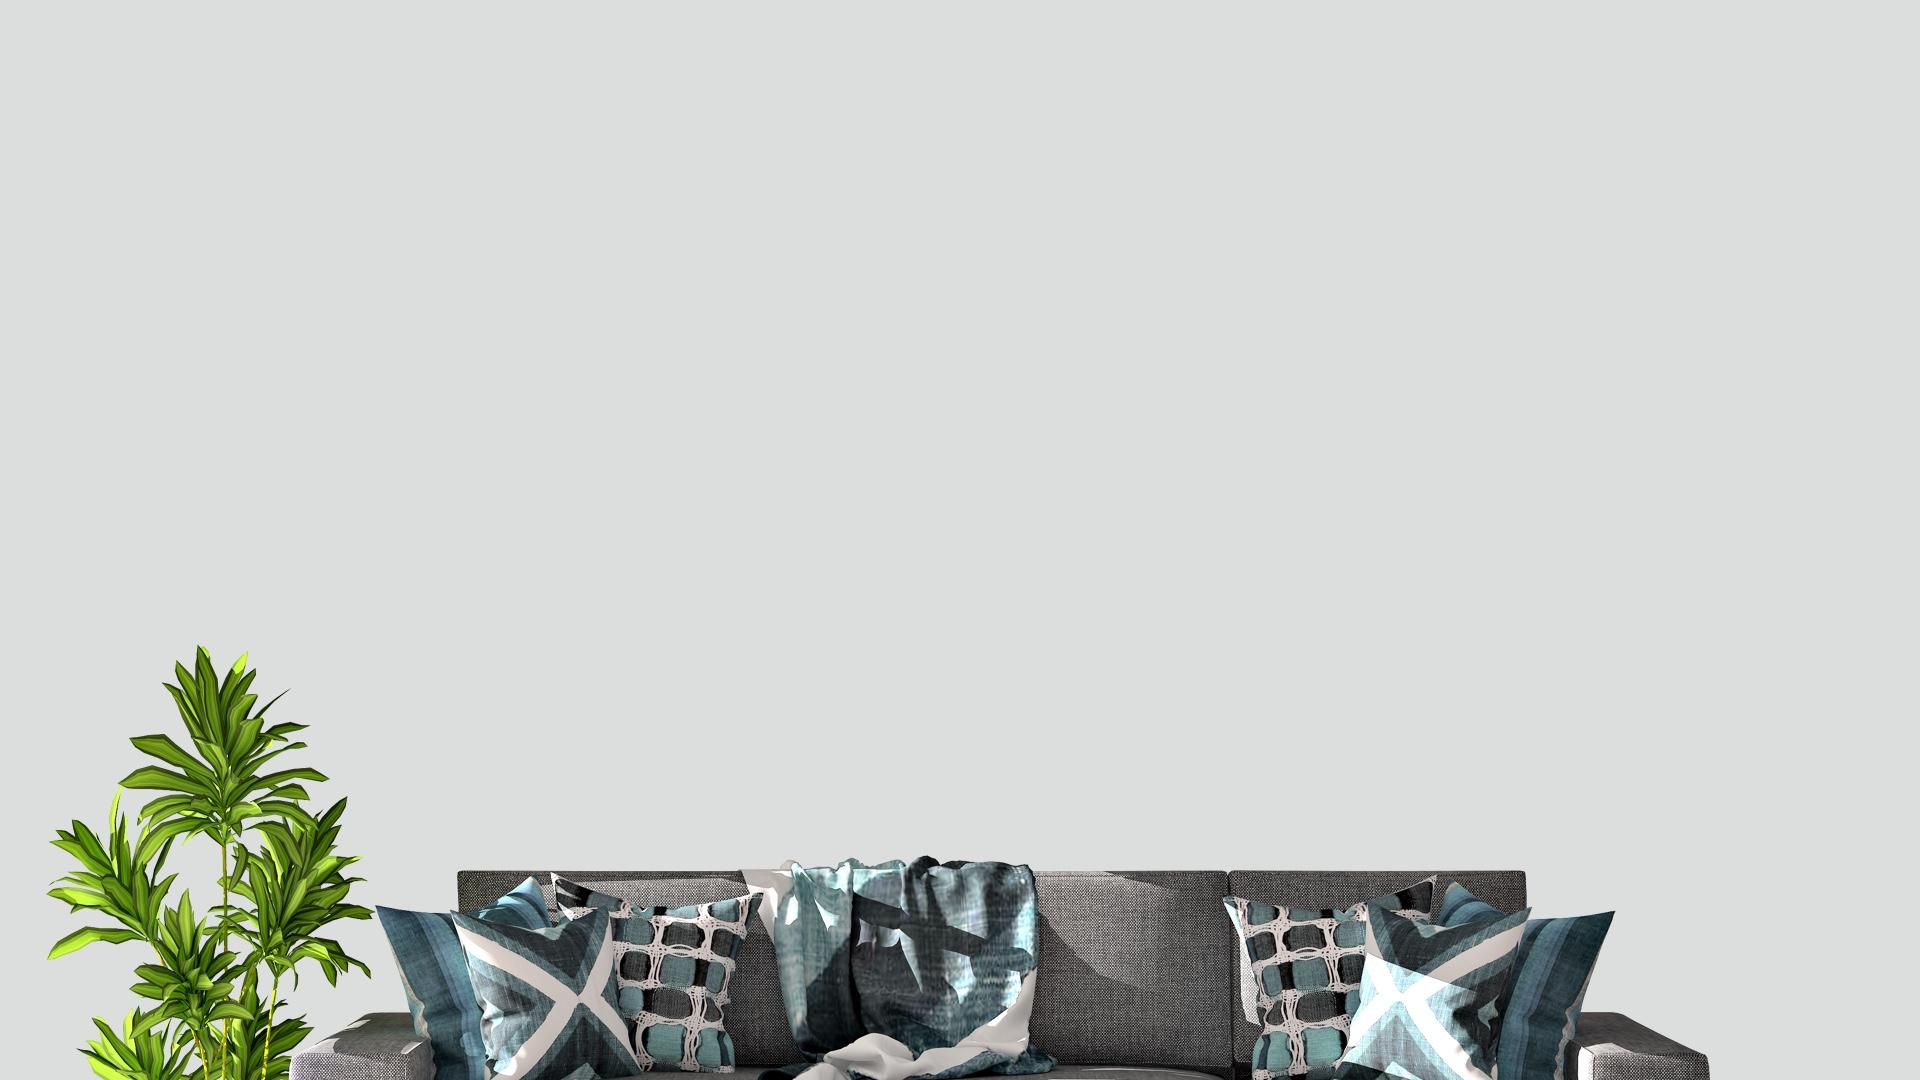 グレーのソファーと観葉植物のある部屋